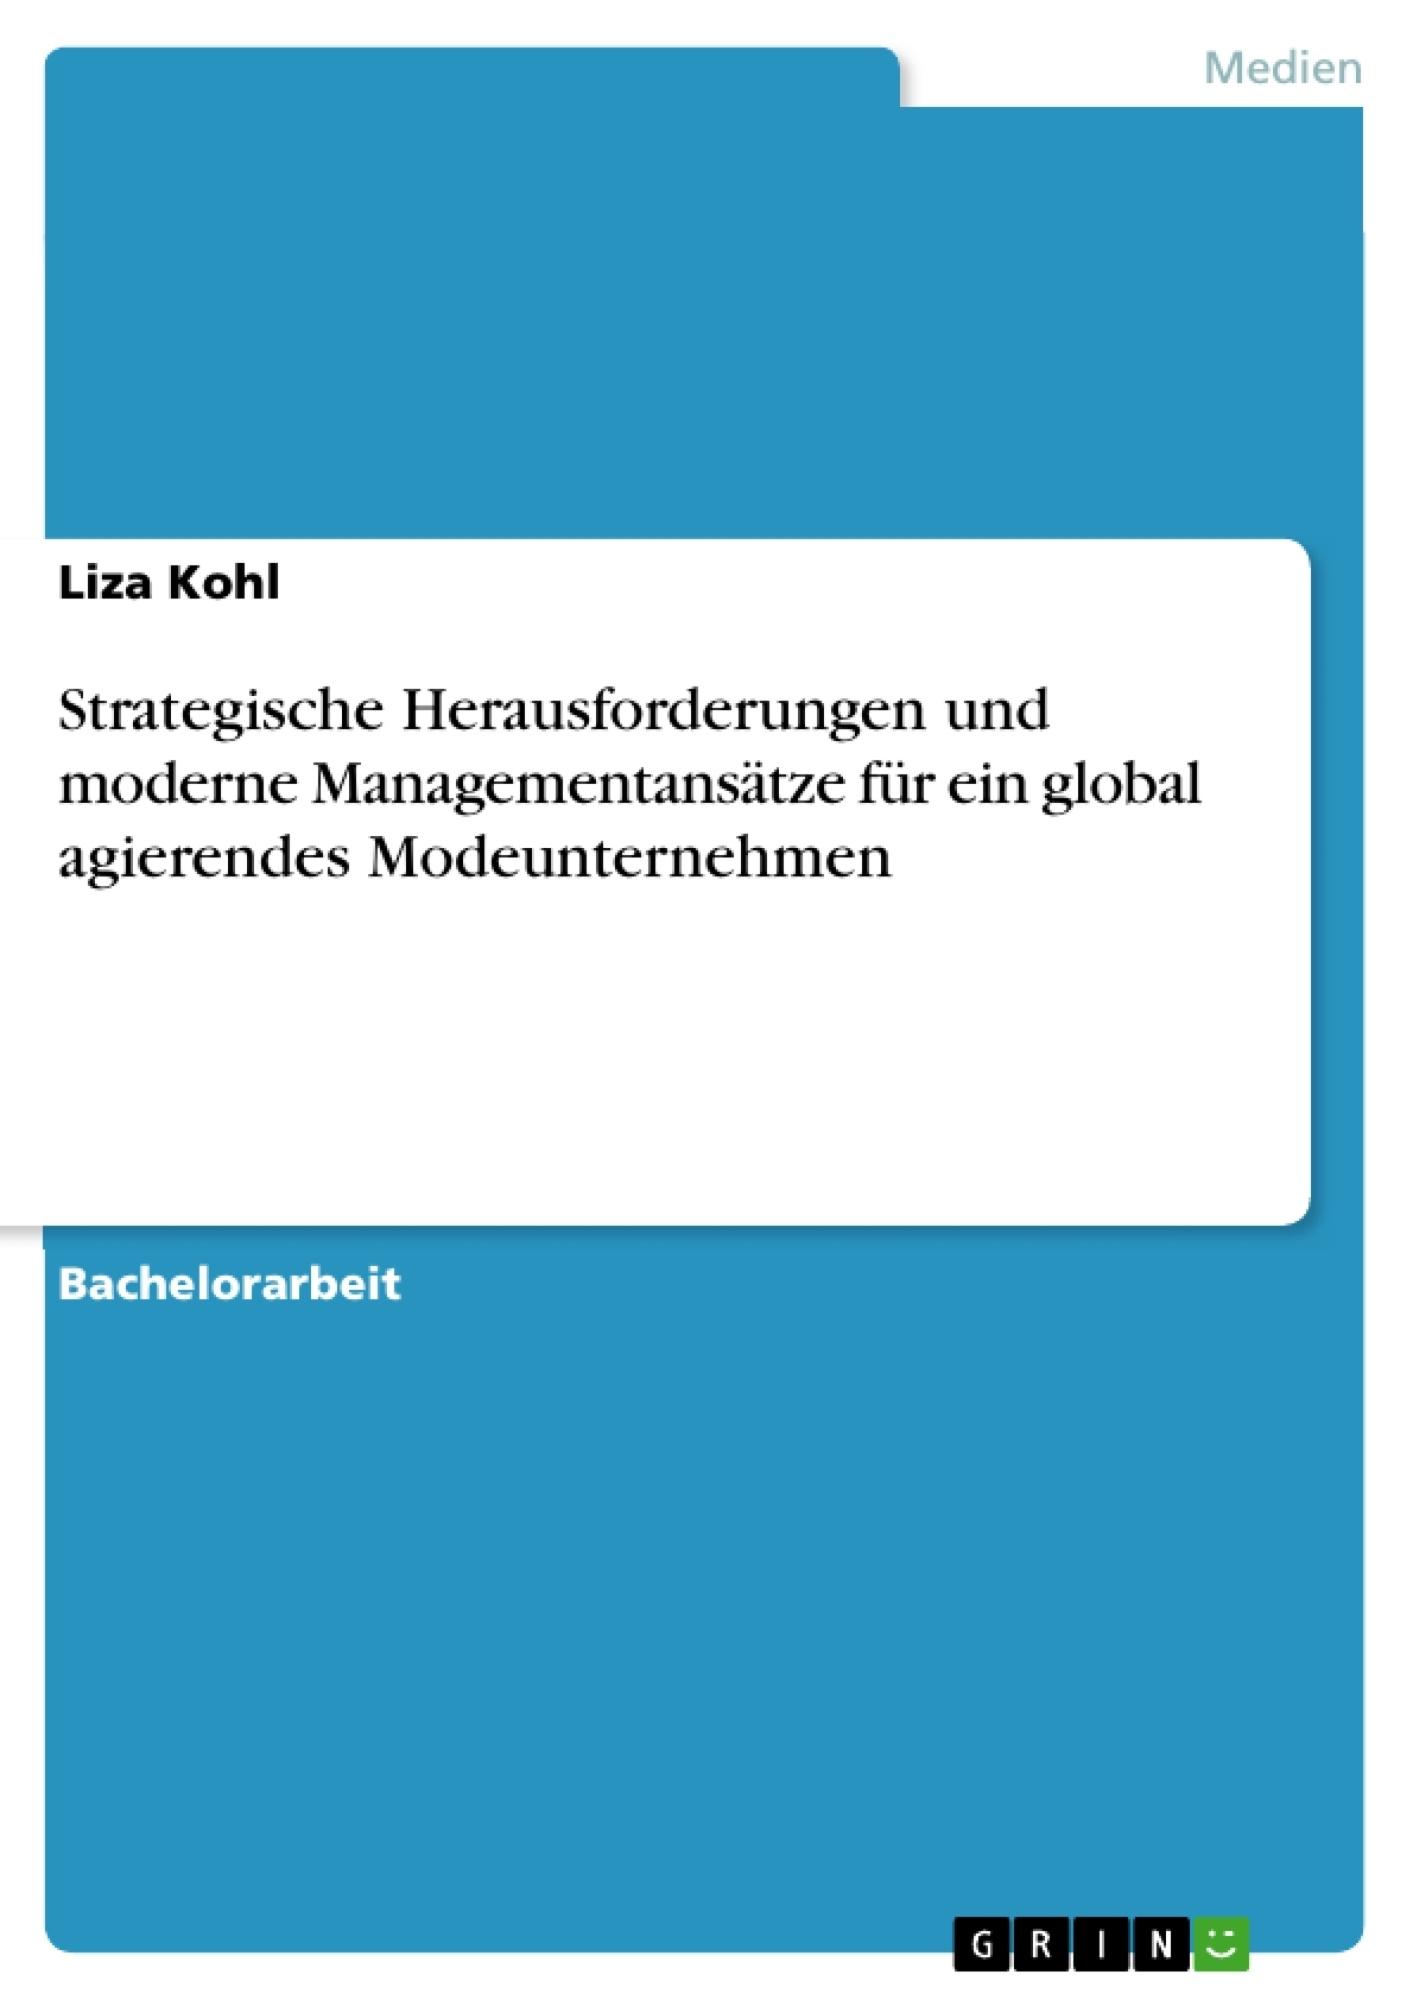 Titel: Strategische Herausforderungen und moderne Managementansätze für ein global agierendes Modeunternehmen